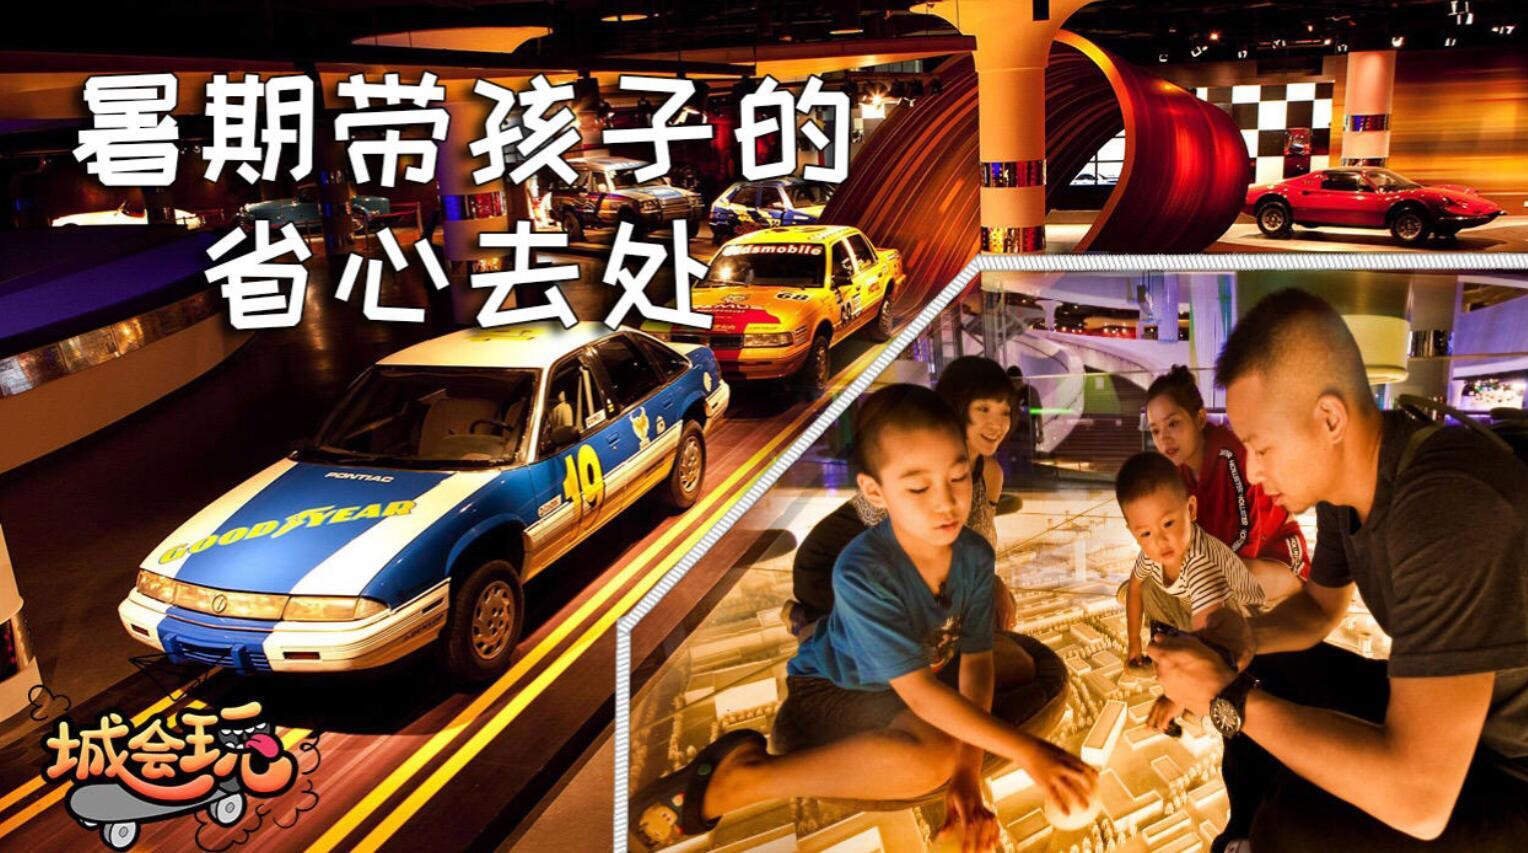 【城会玩】42-北京:汽车博物馆 暑期亲子出行好去处